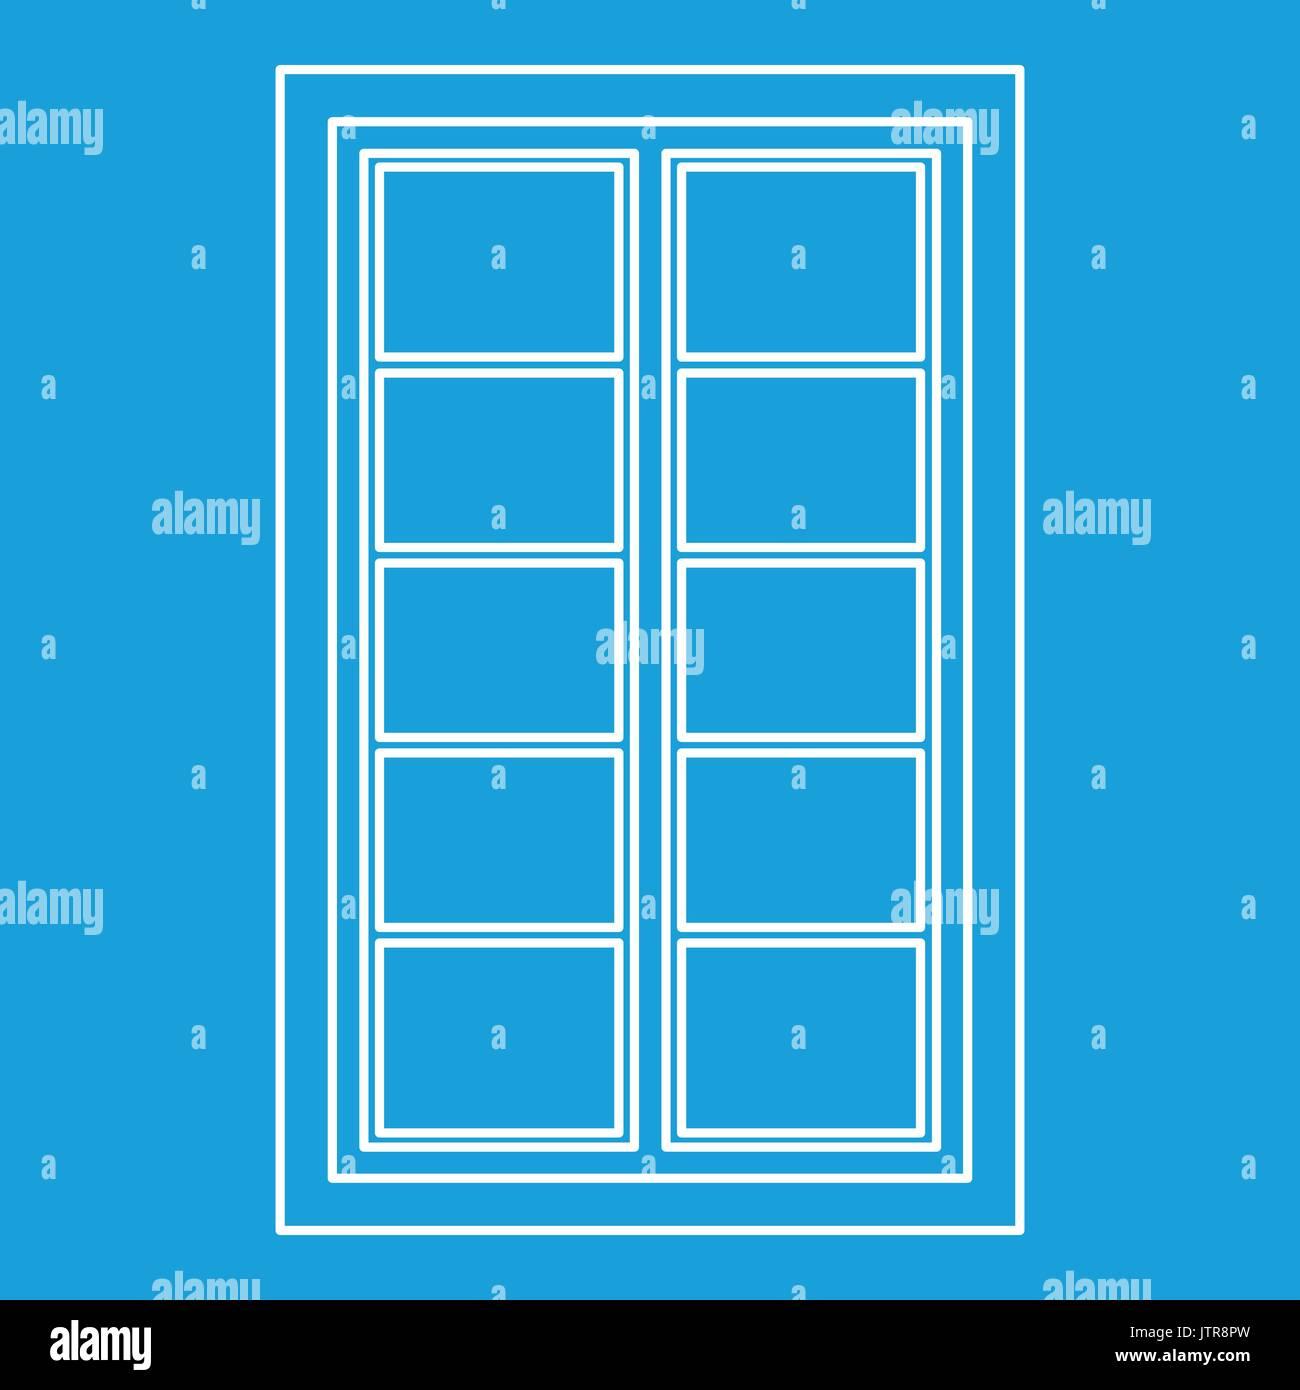 Latticed Door Stock Photos & Latticed Door Stock Images - Alamy